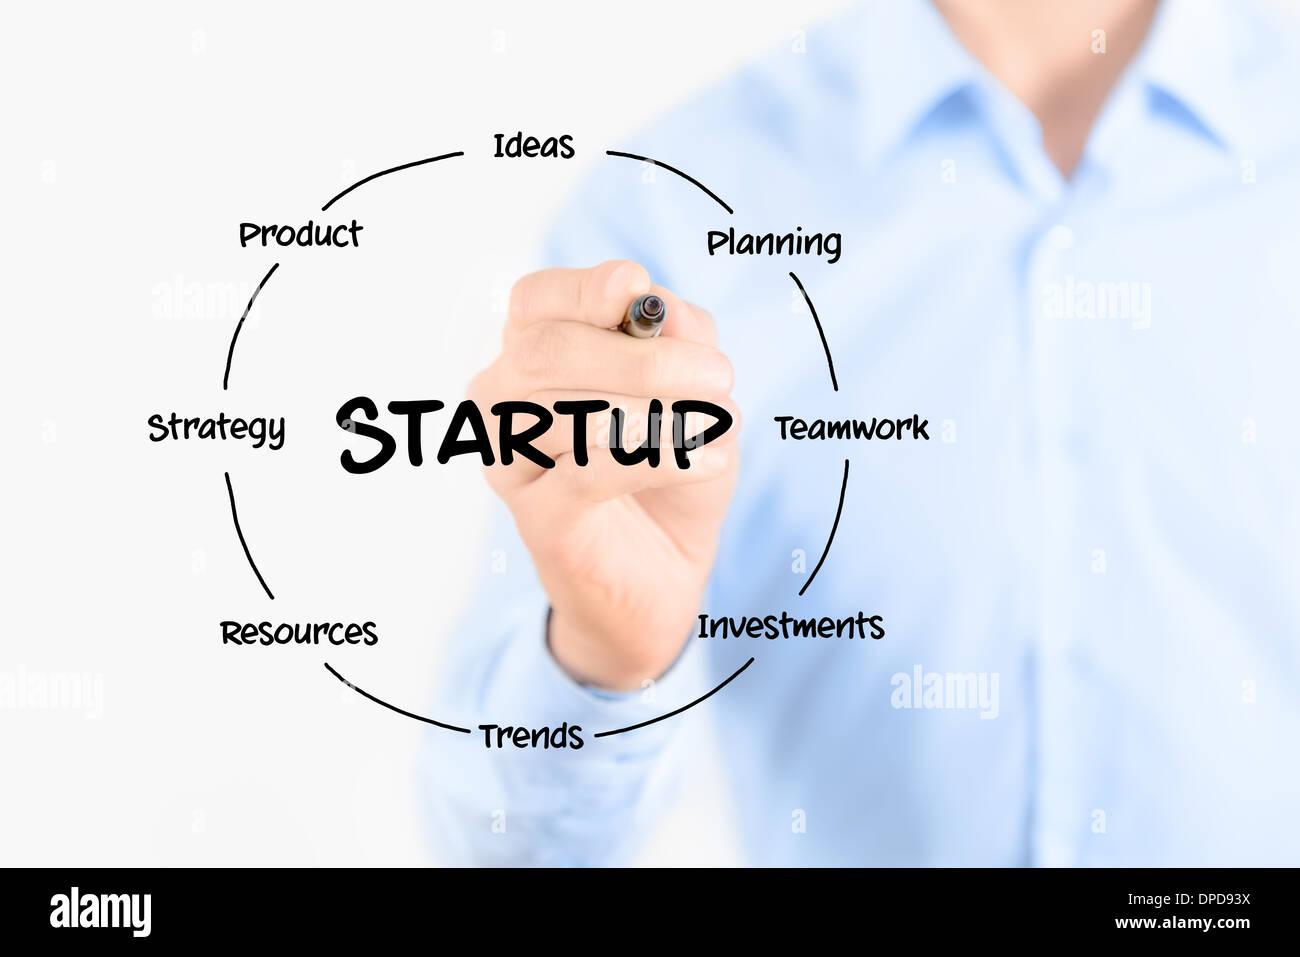 Avvio struttura circolare schema. Giovane imprenditore tenendo un marcatore e il disegno di una elementi chiave per iniziare un nuovo business Immagini Stock